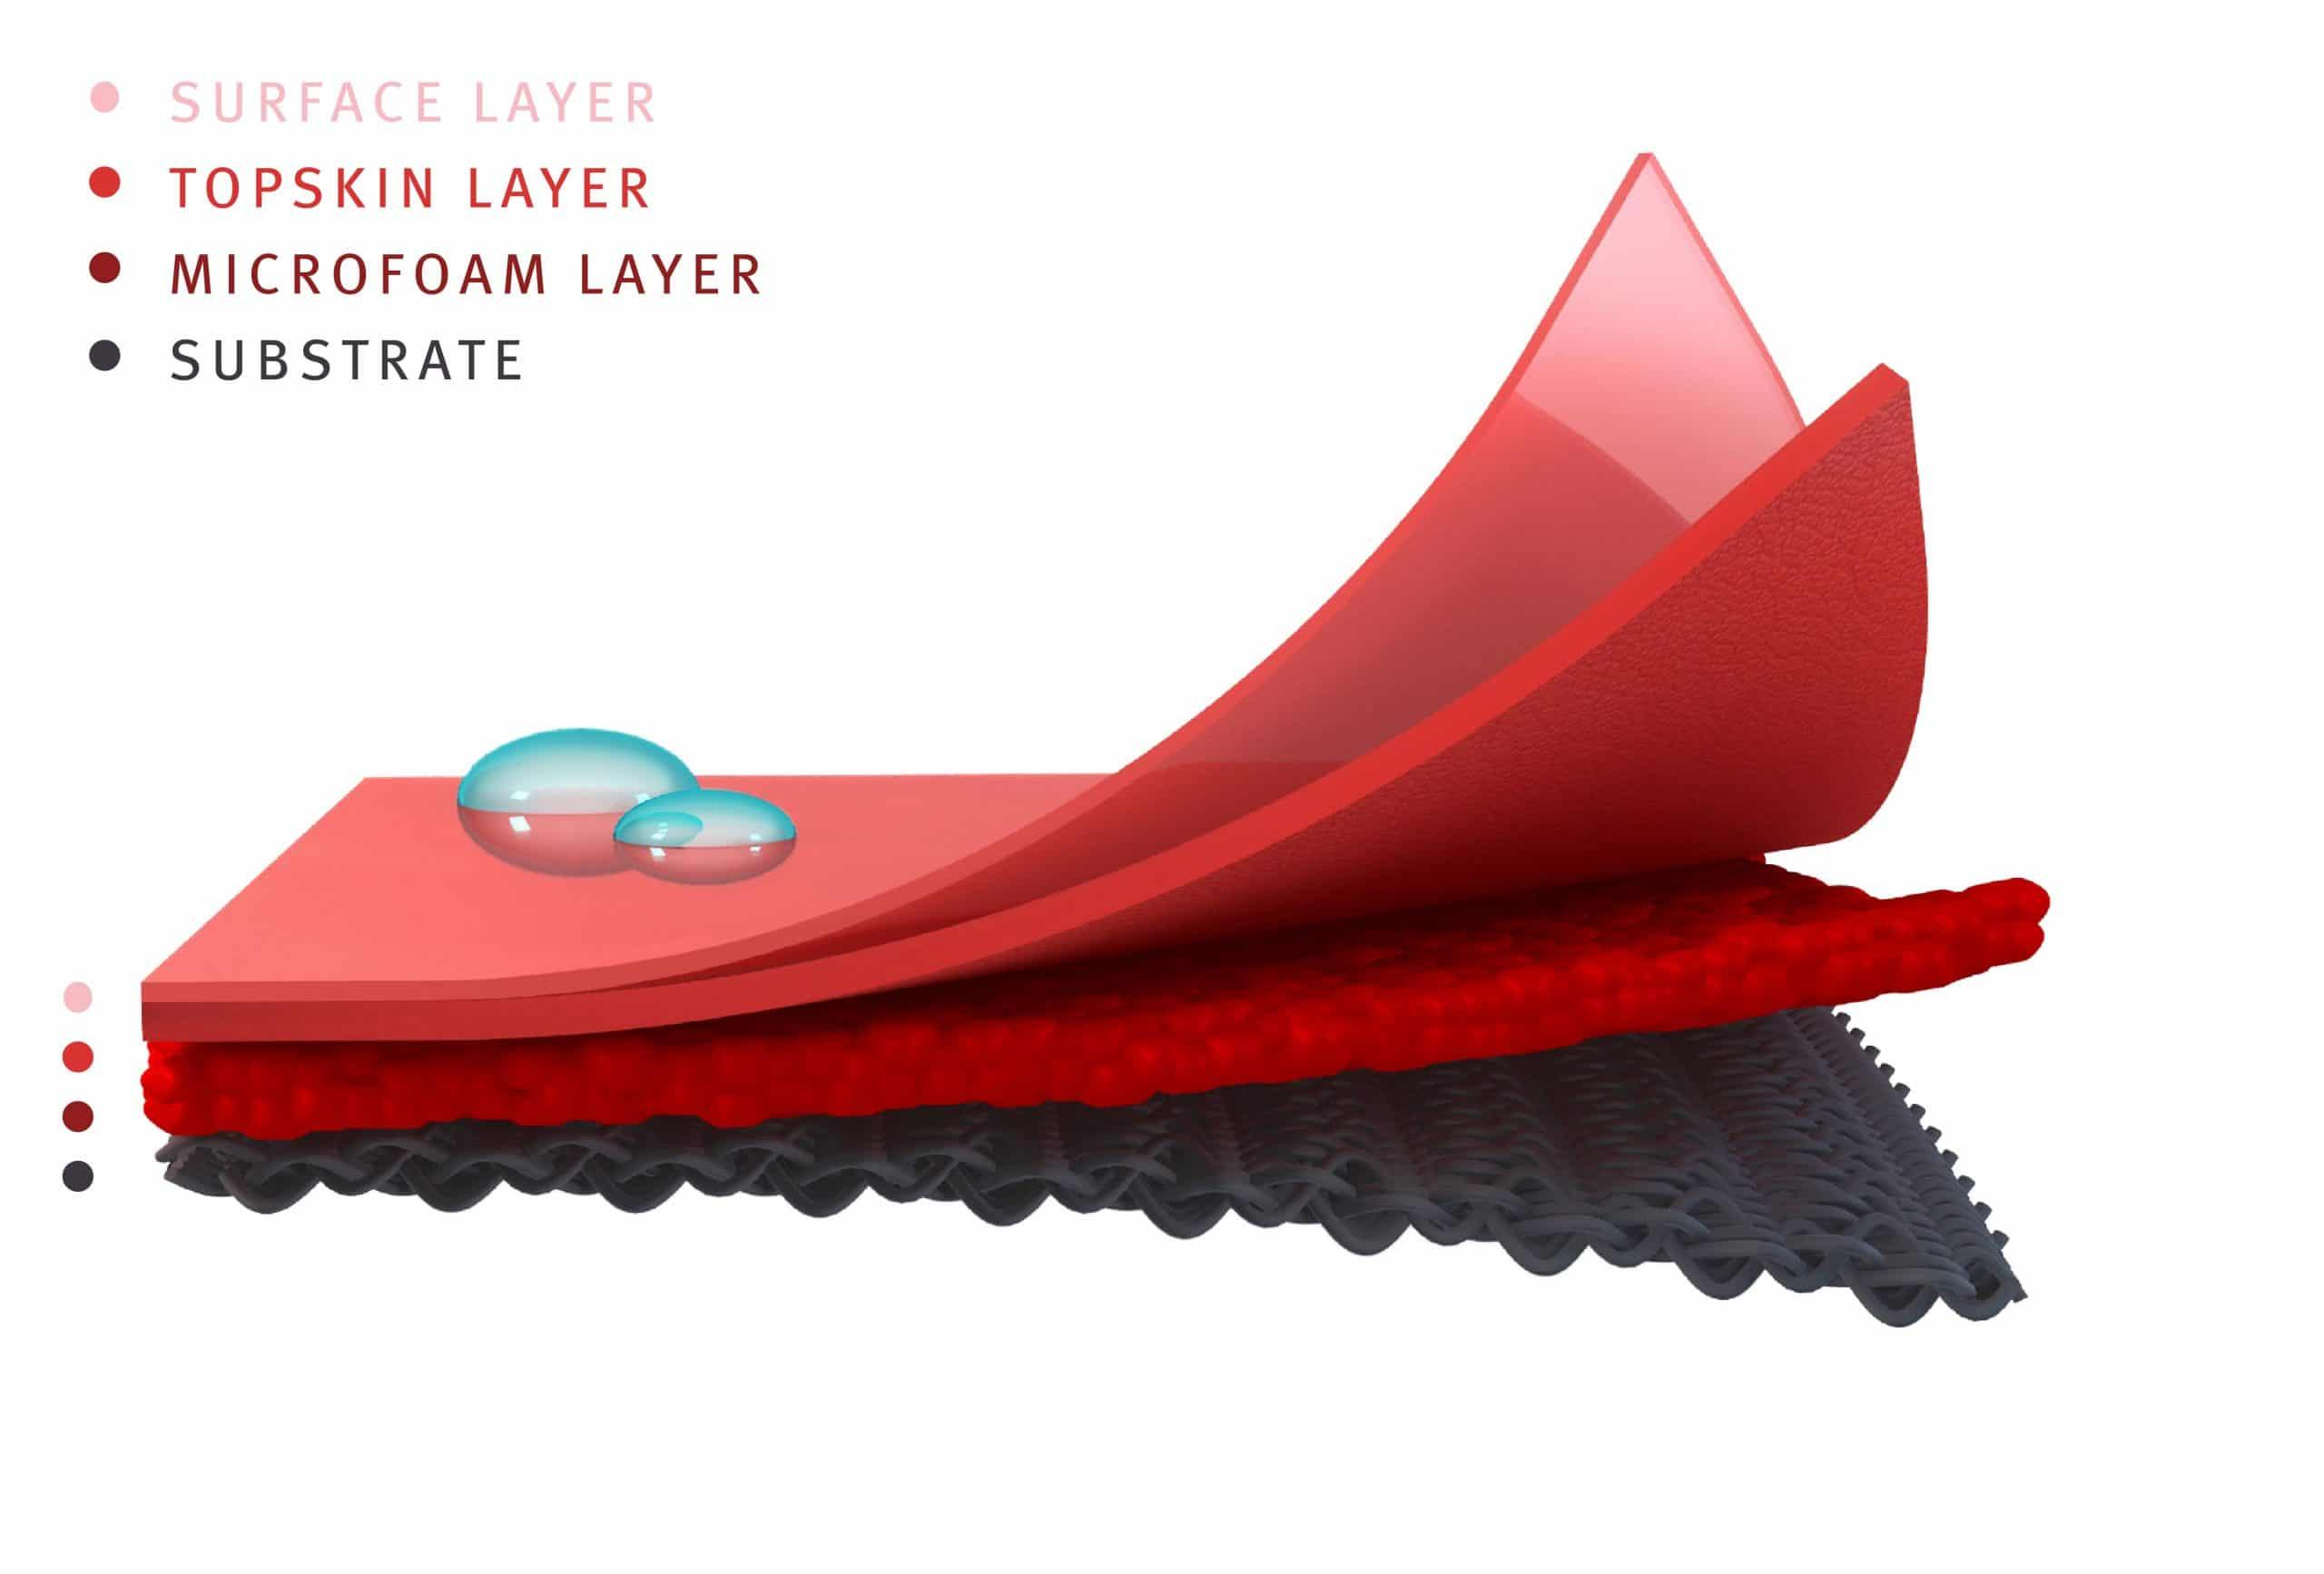 Ultrafabrics Takumi Technology